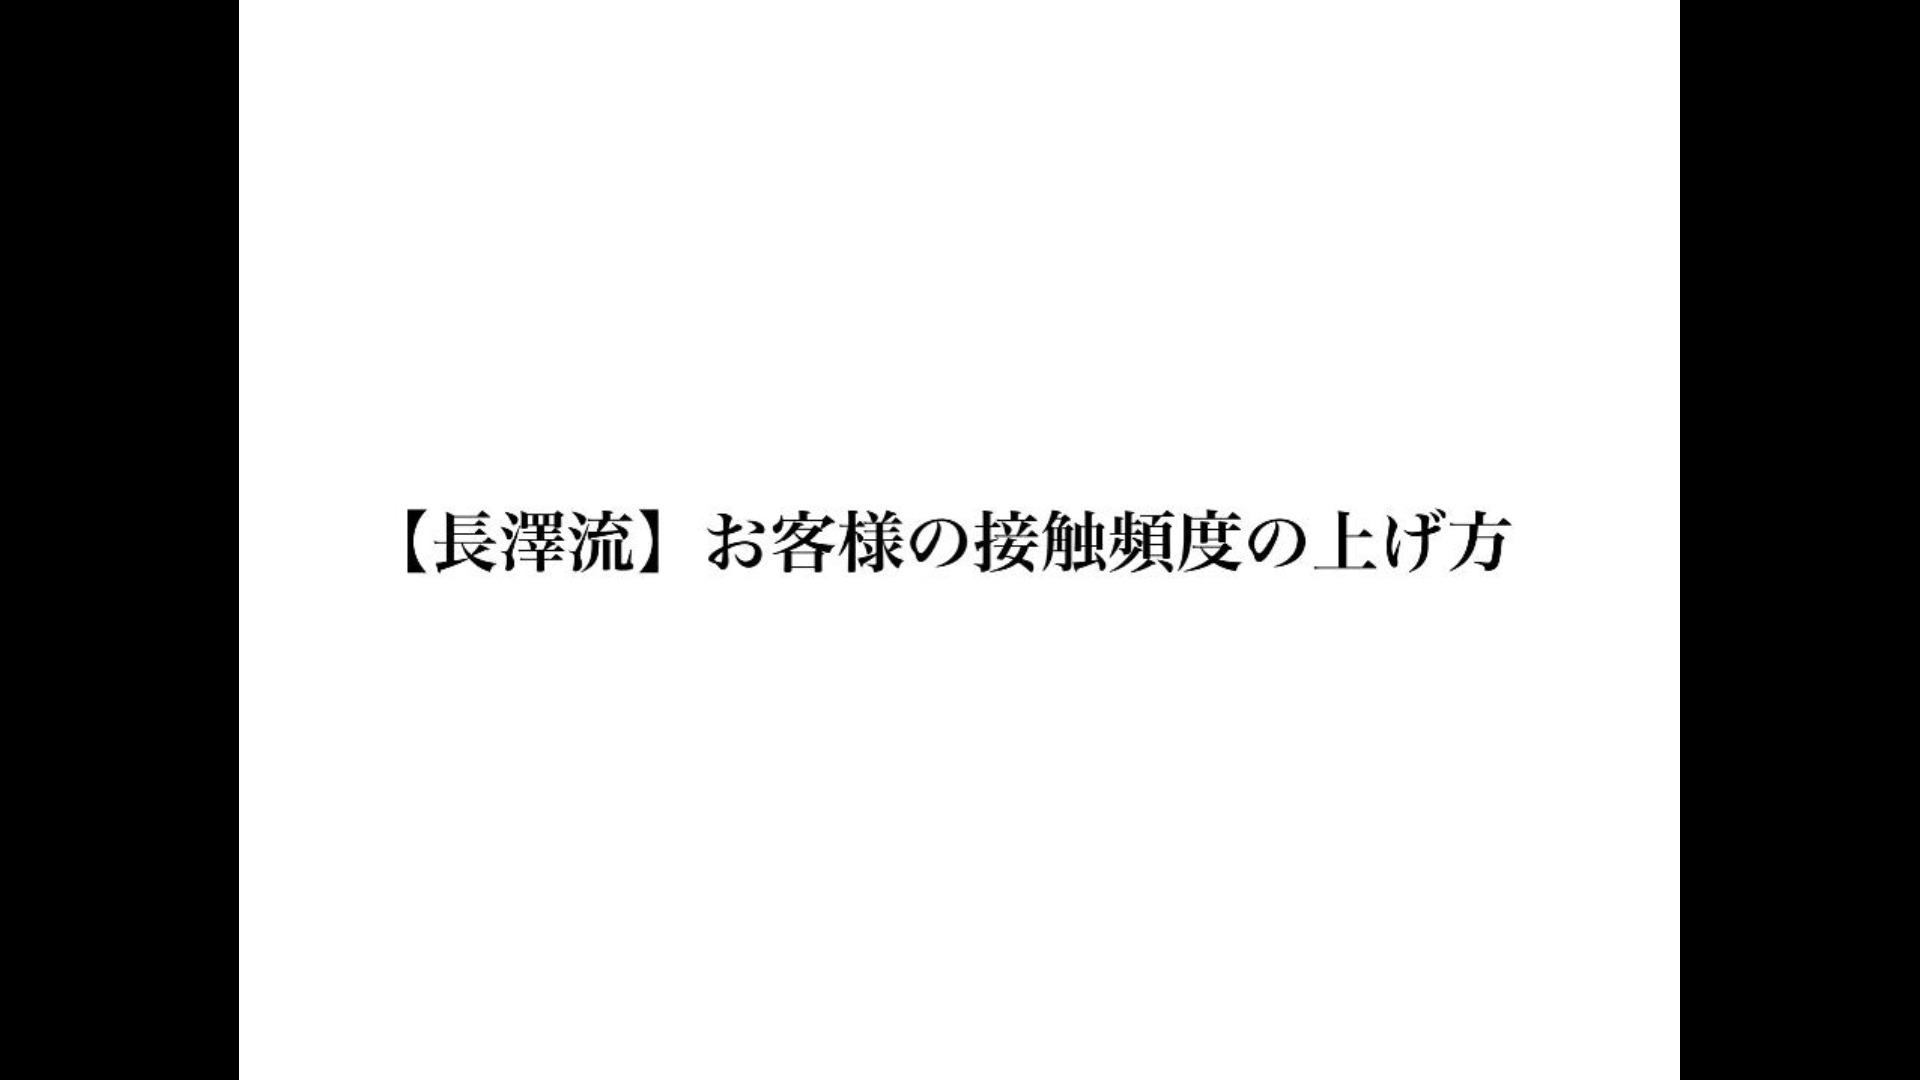 【長澤流】お客様の接触頻度の上げ方